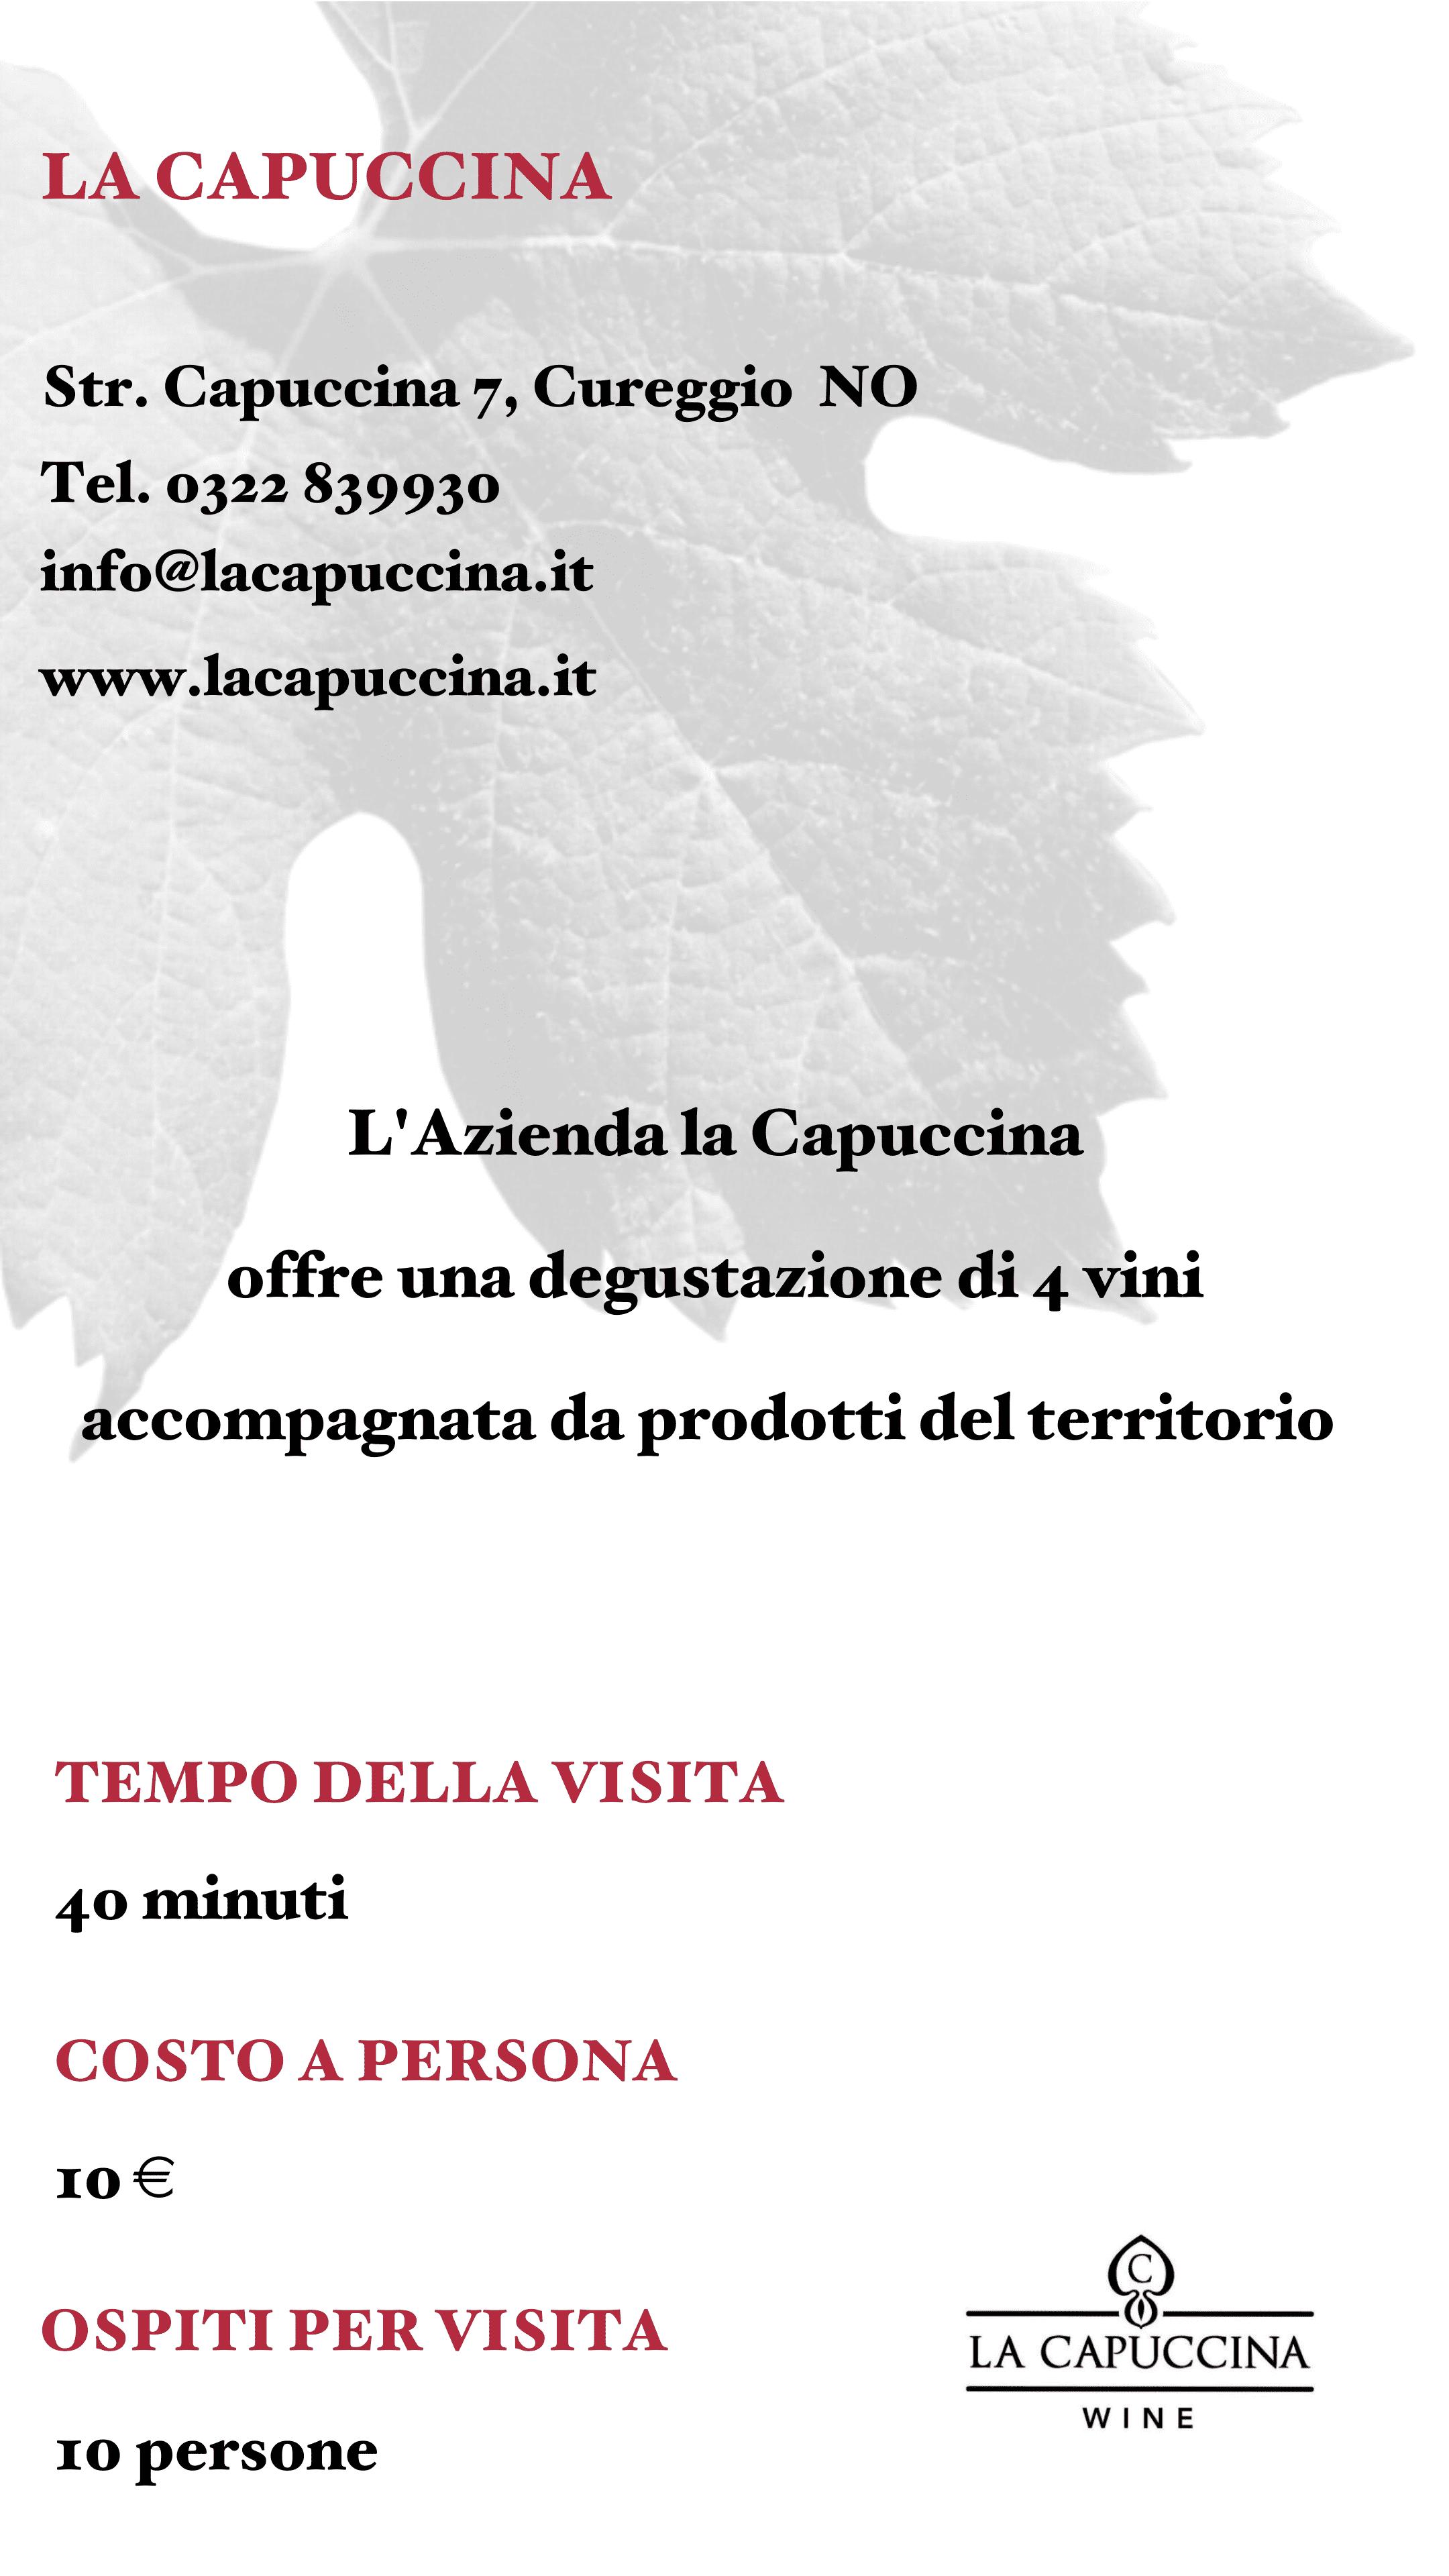 La Capuccina